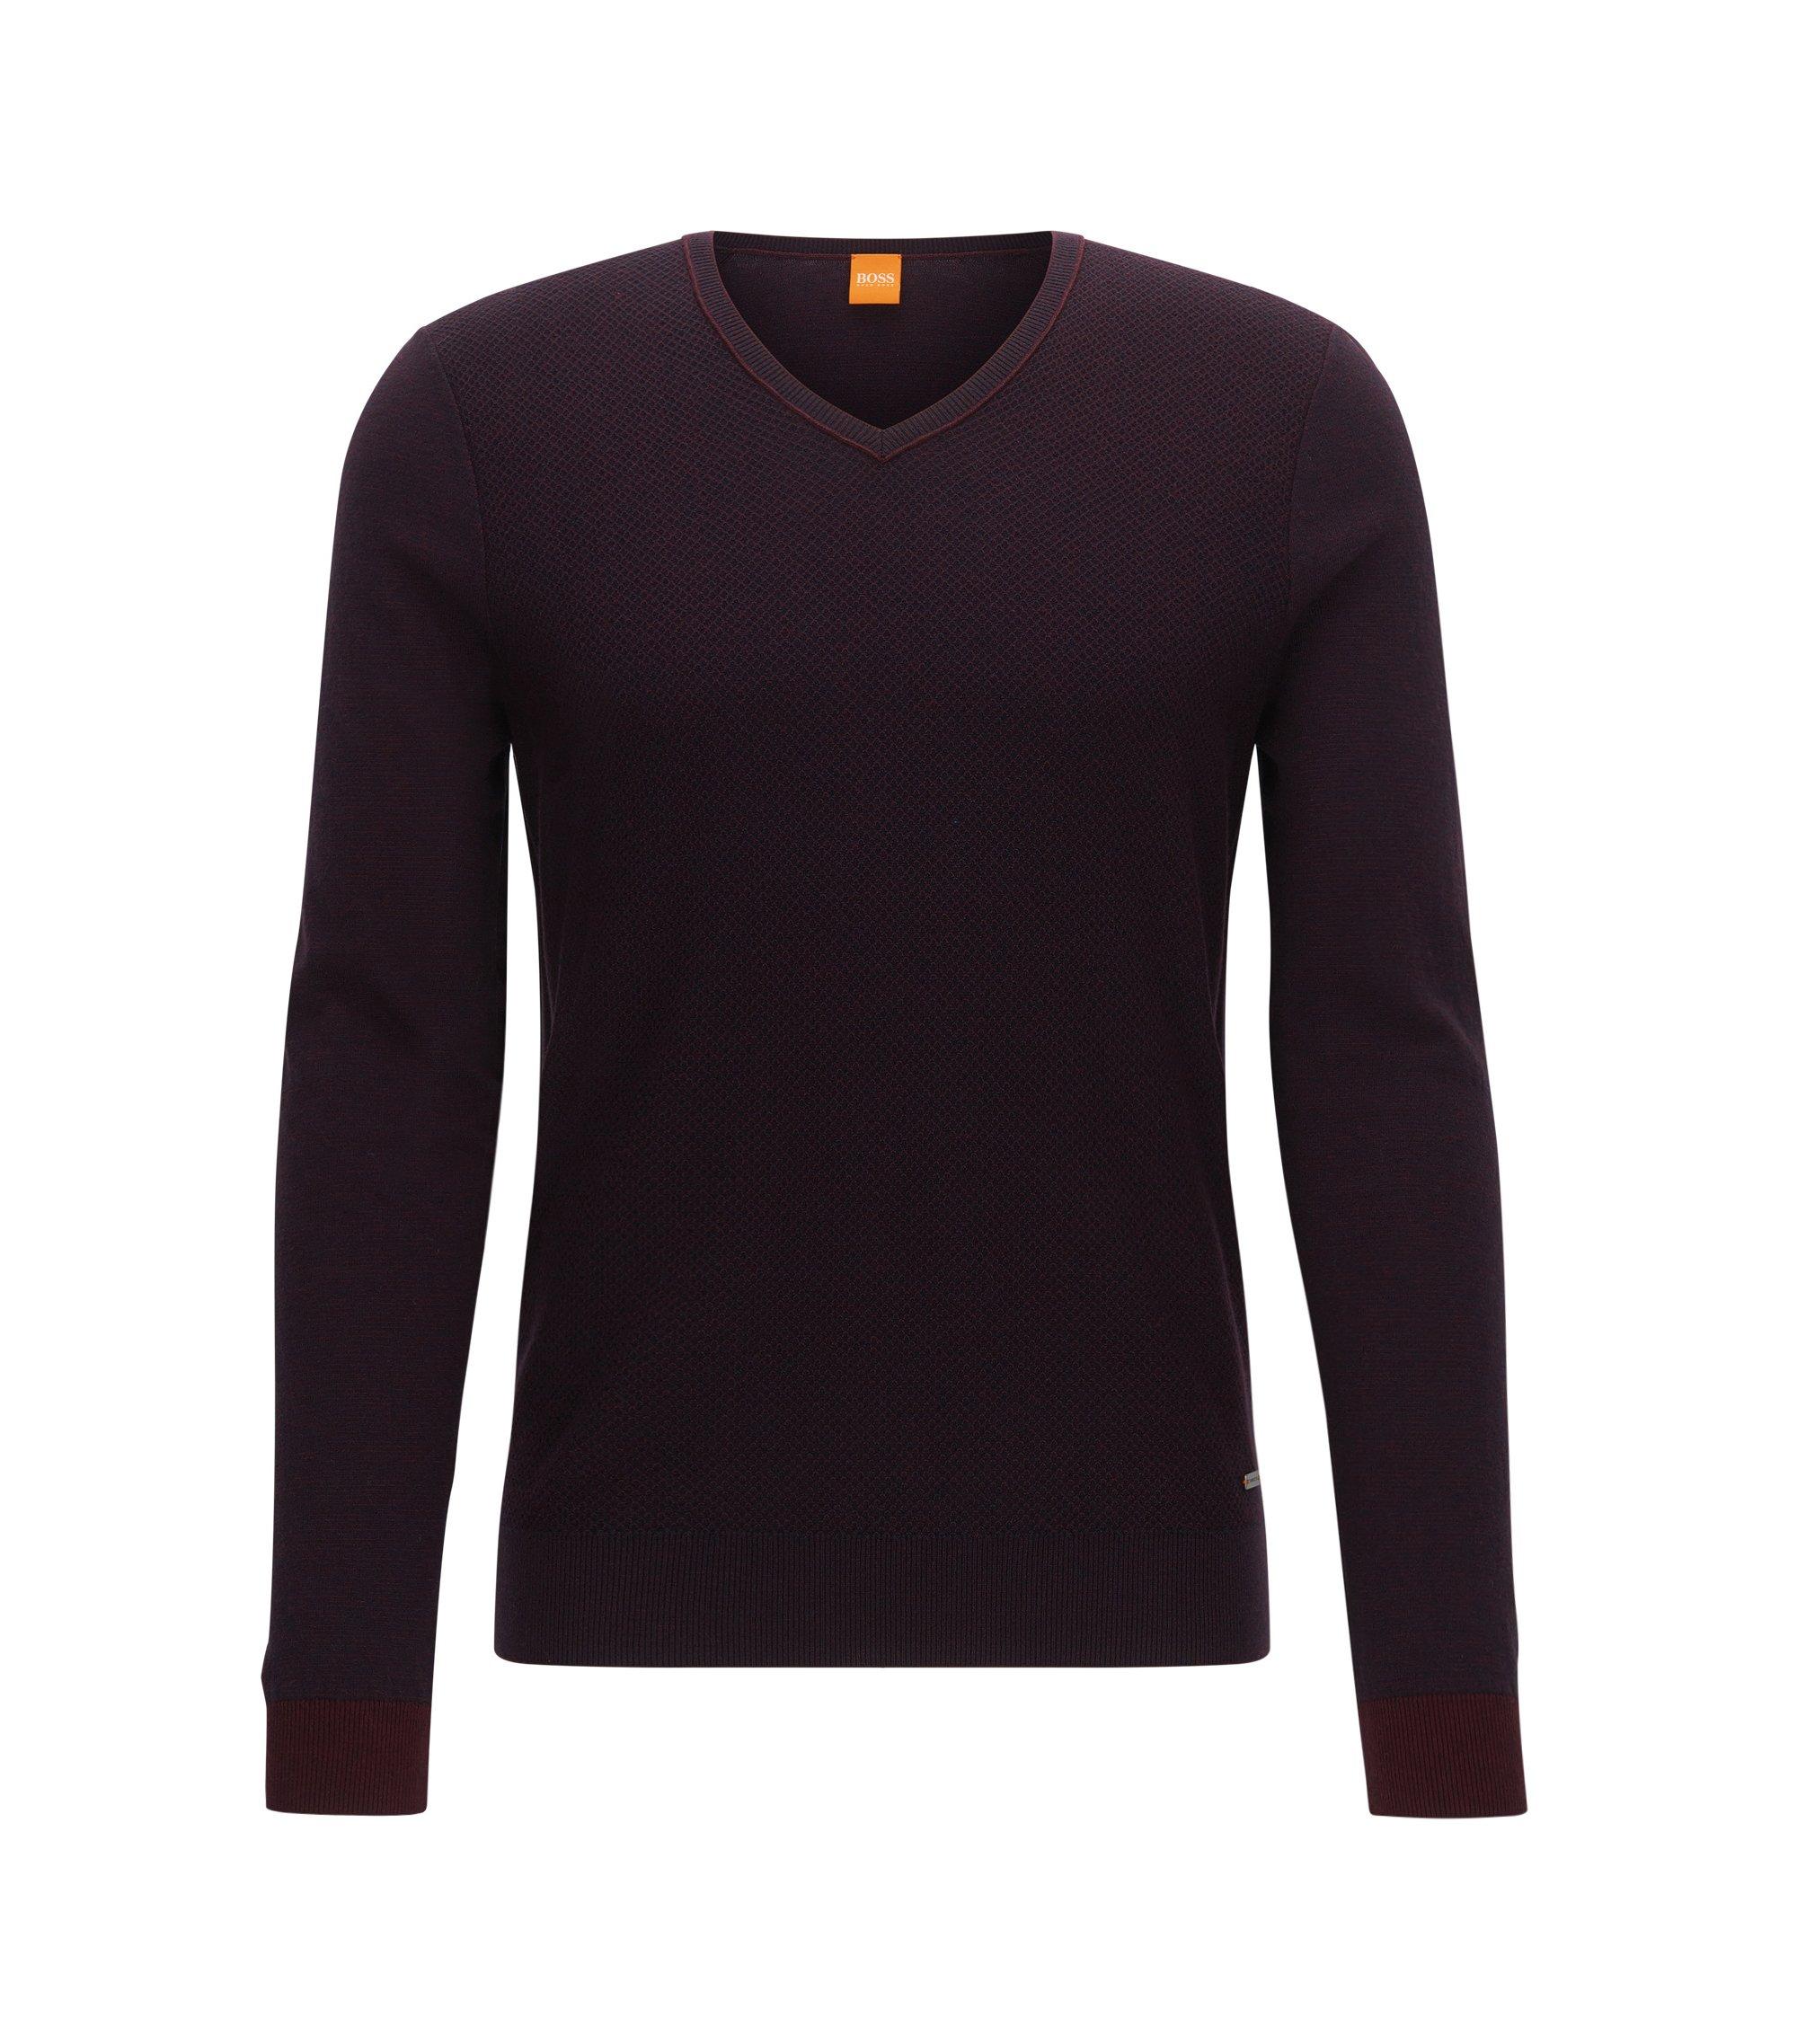 Regular-Fit Pullover mit V-Ausschnitt aus Baumwoll-Mix mit Schurwolle, Dunkelrot